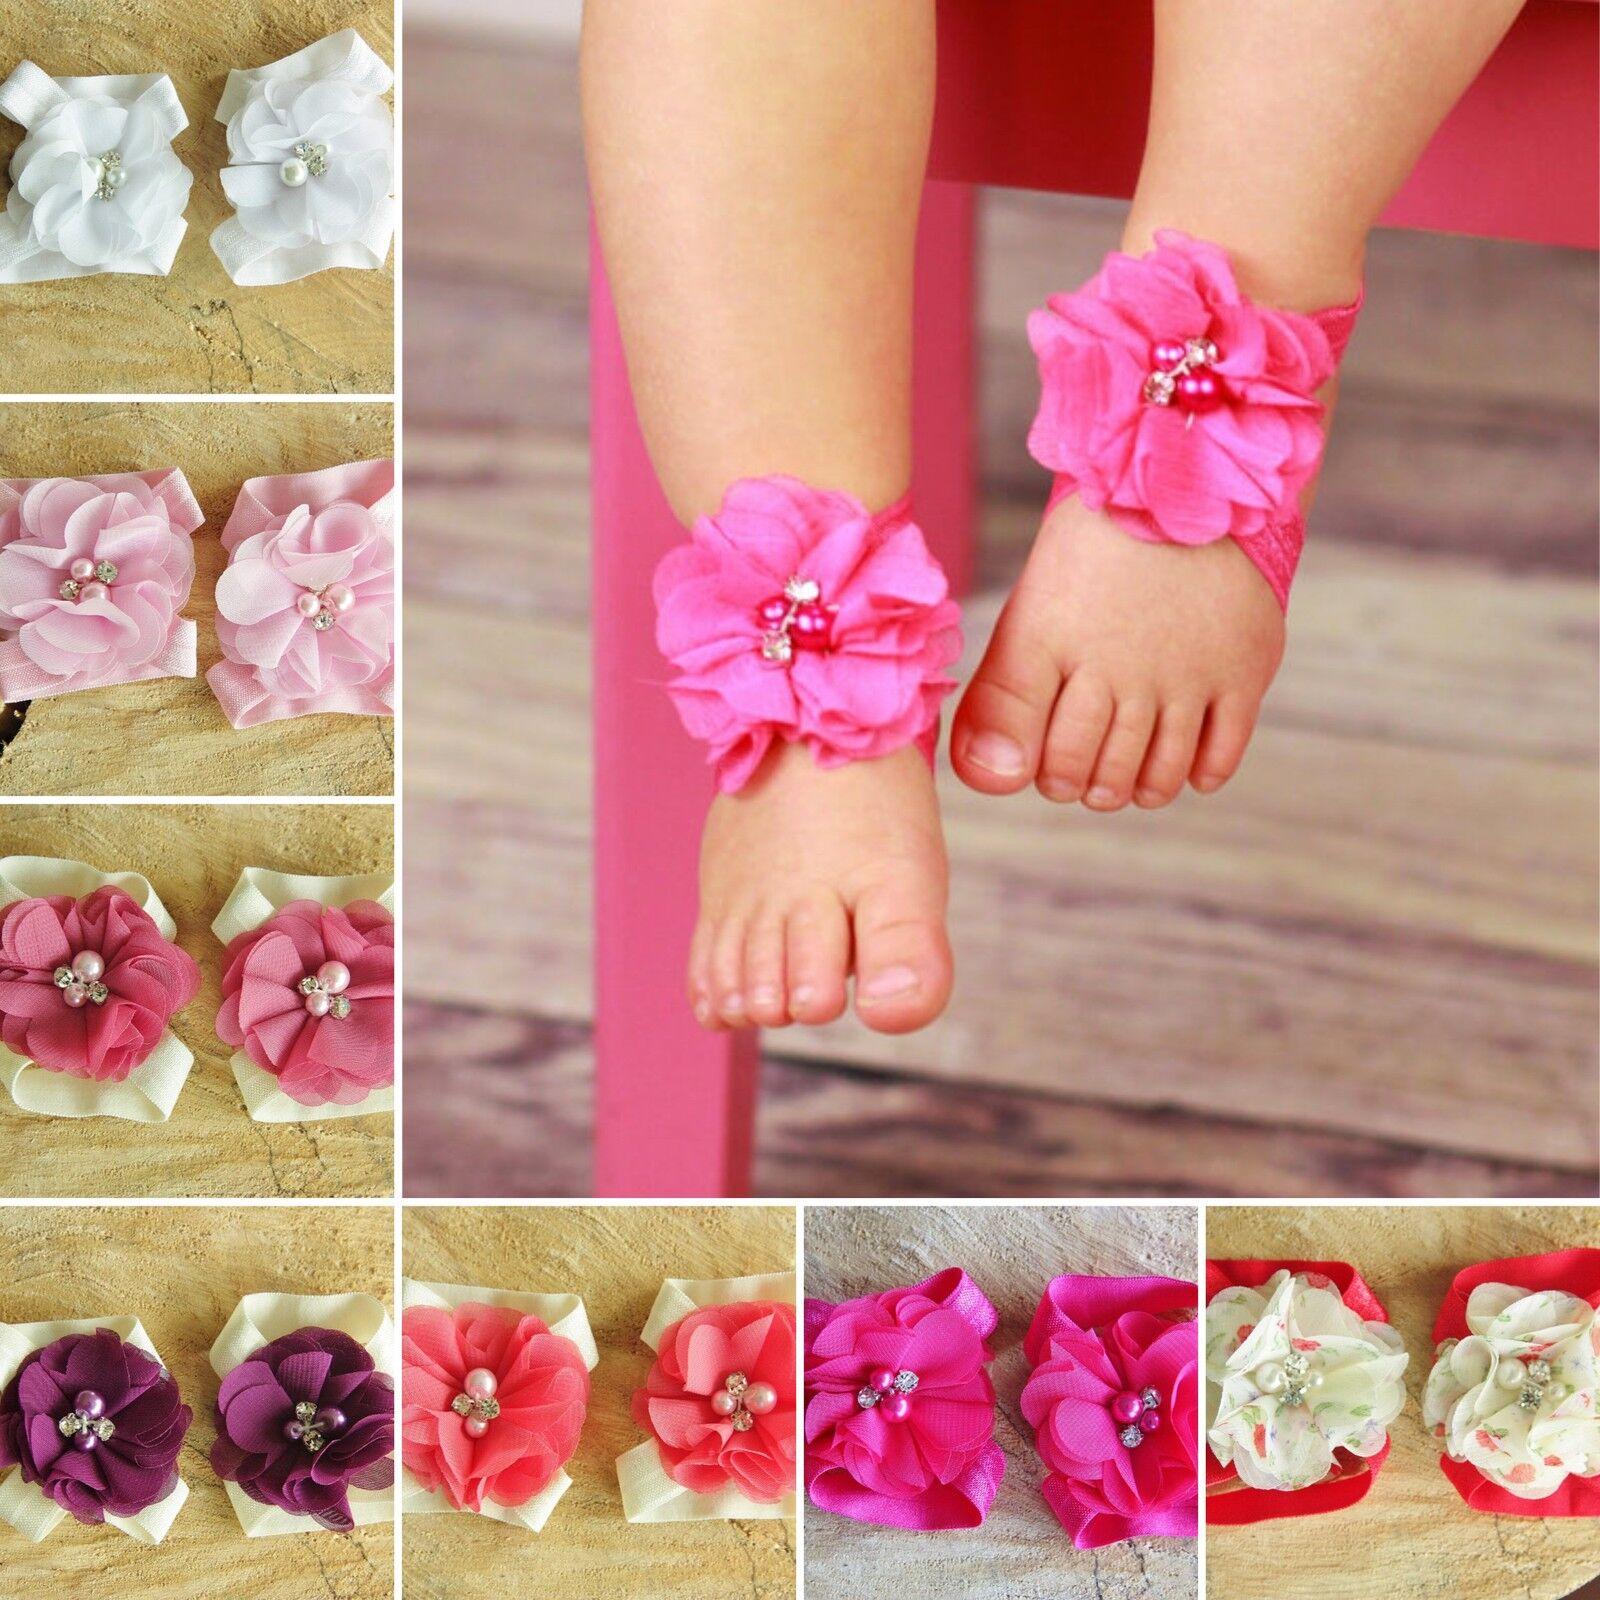 BAMBINA A Piedi Nudi sandali battesimo matrimonio Morbido Fiore Neonato Scarpe